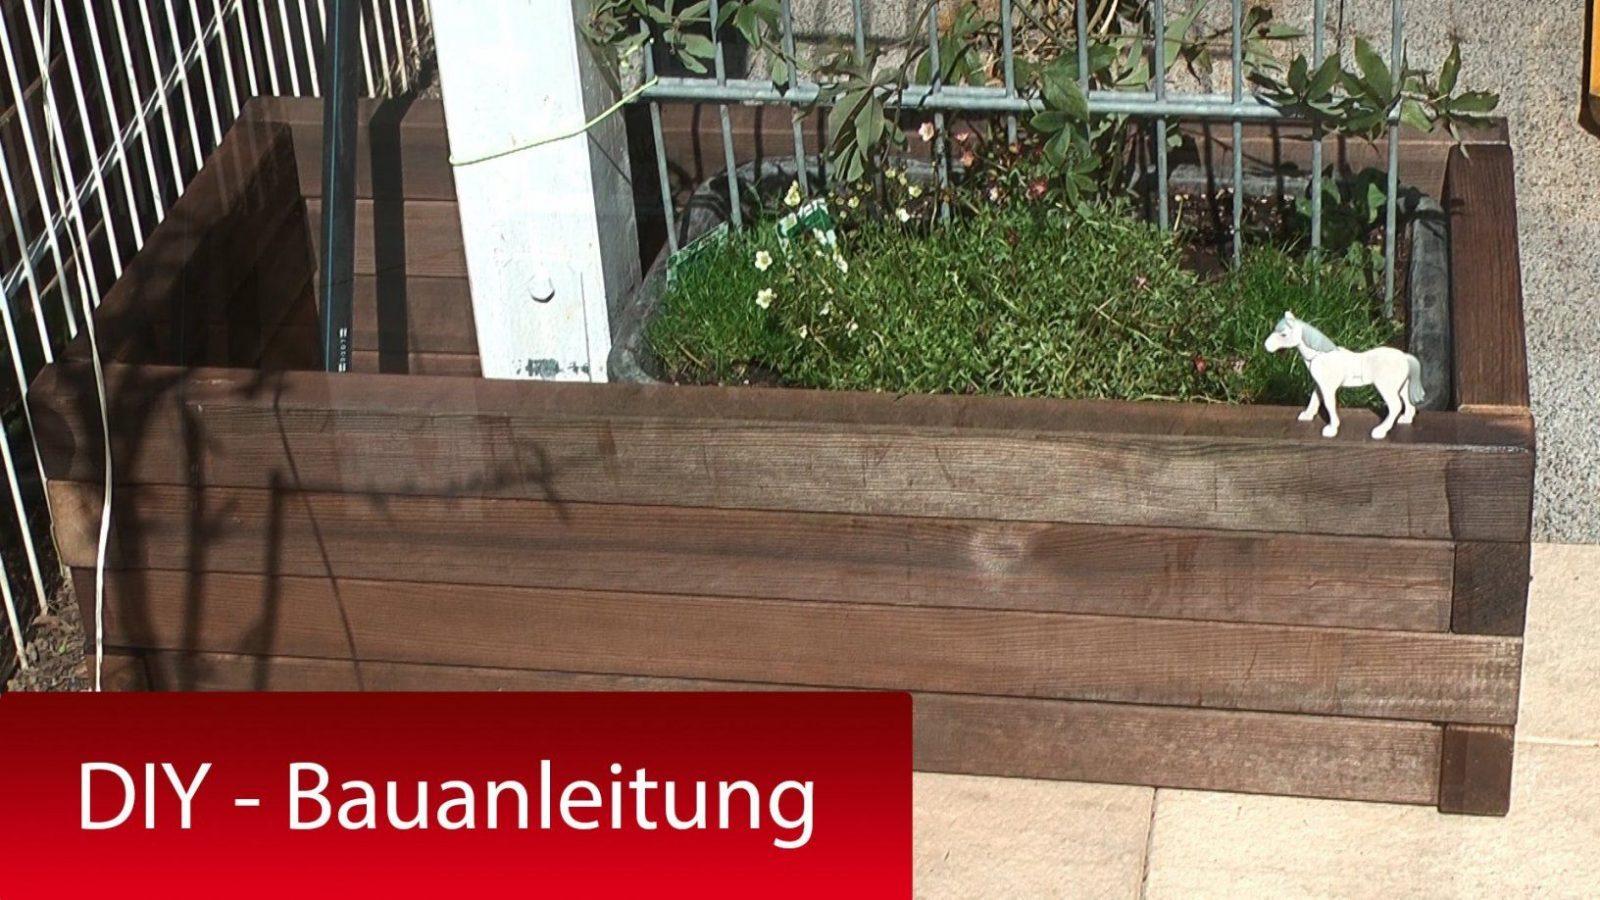 Sichtschutz Selber Machen Mit Pflanzkasten Pflanzkübel Mit Rankhilfe von Sichtschutz Für Balkon Selber Machen Photo